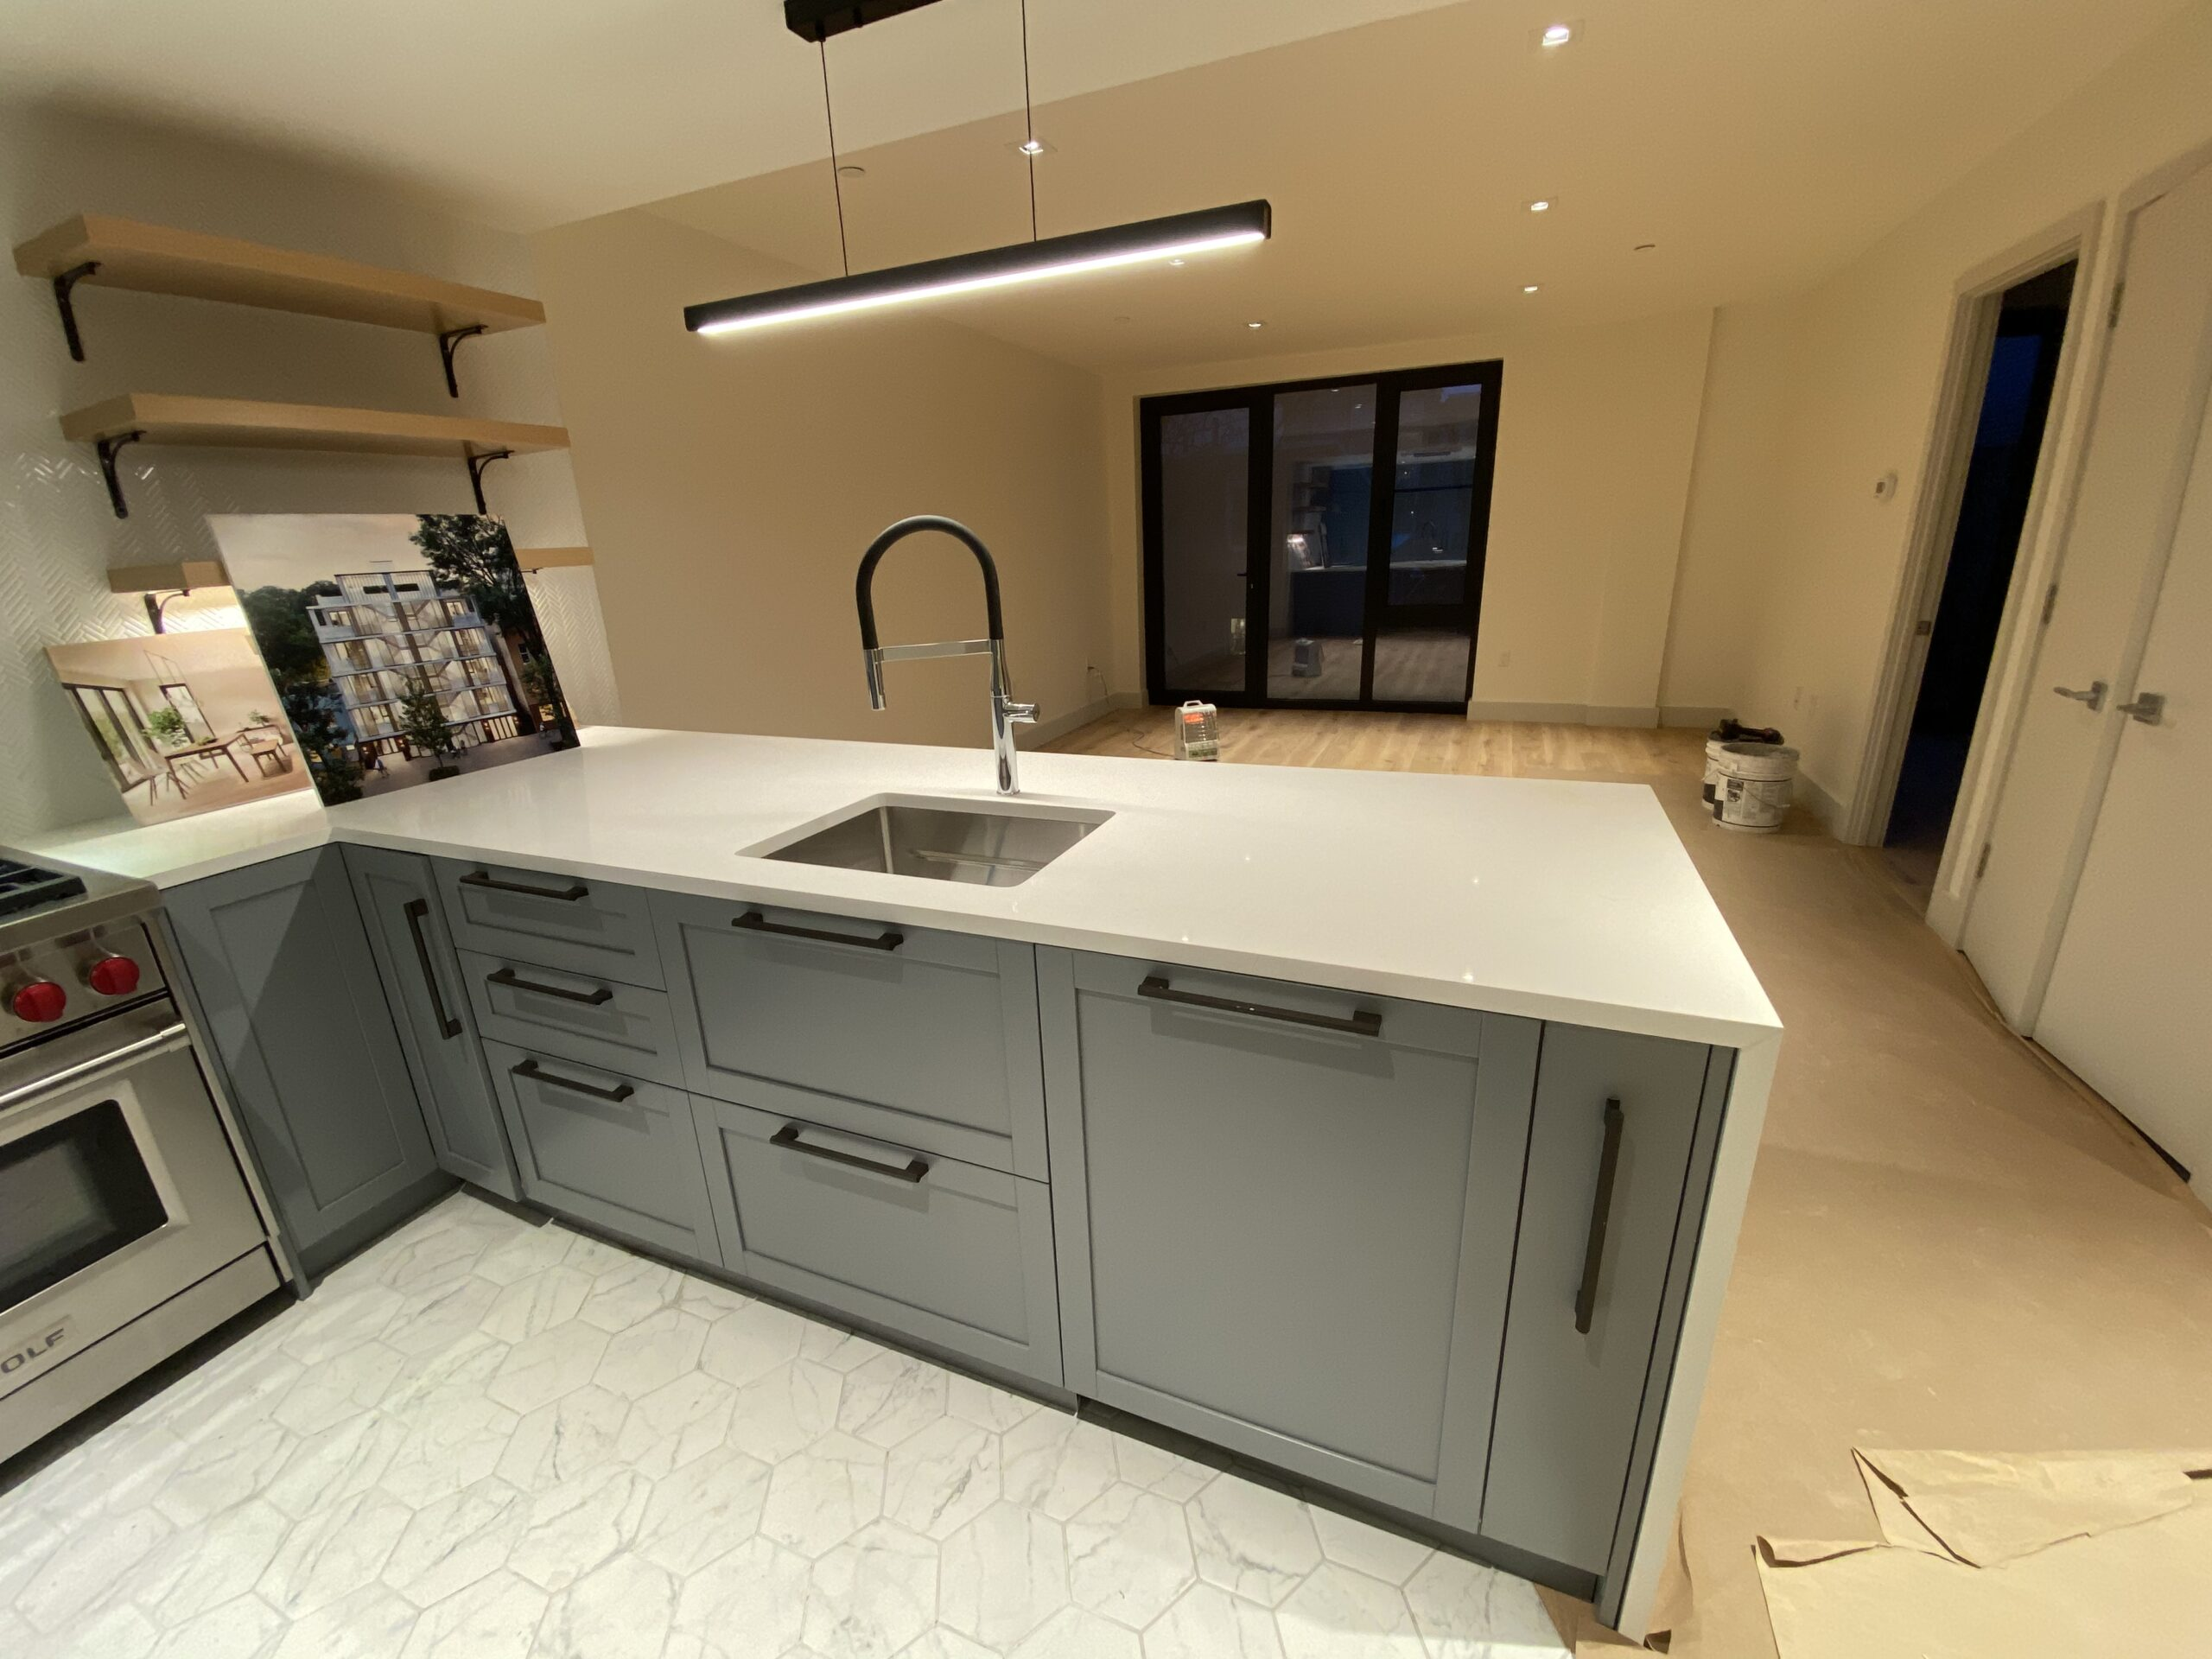 33 Frost kitchen (1)